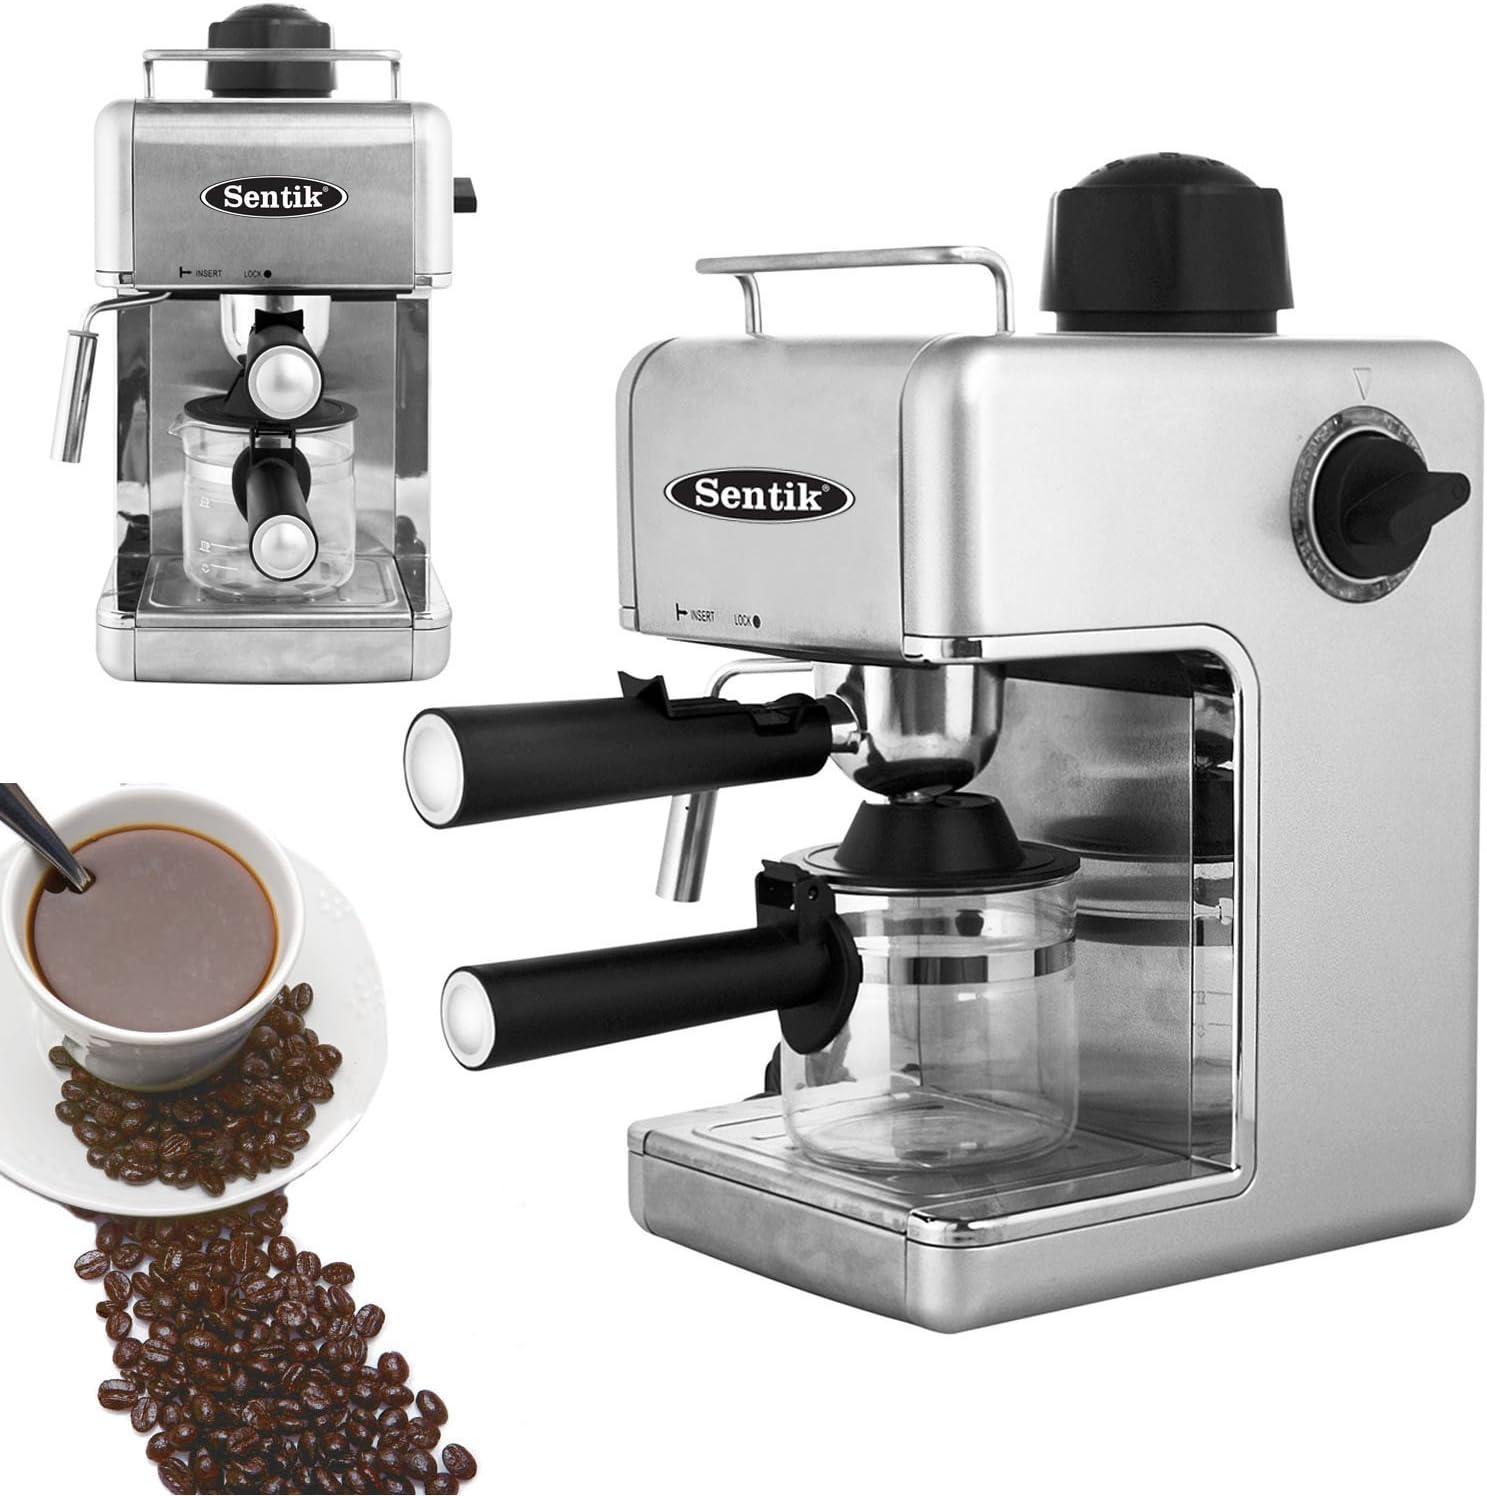 para el hogar o la oficina Cafetera de espresso o capuchino negro el/éctrica y profesional